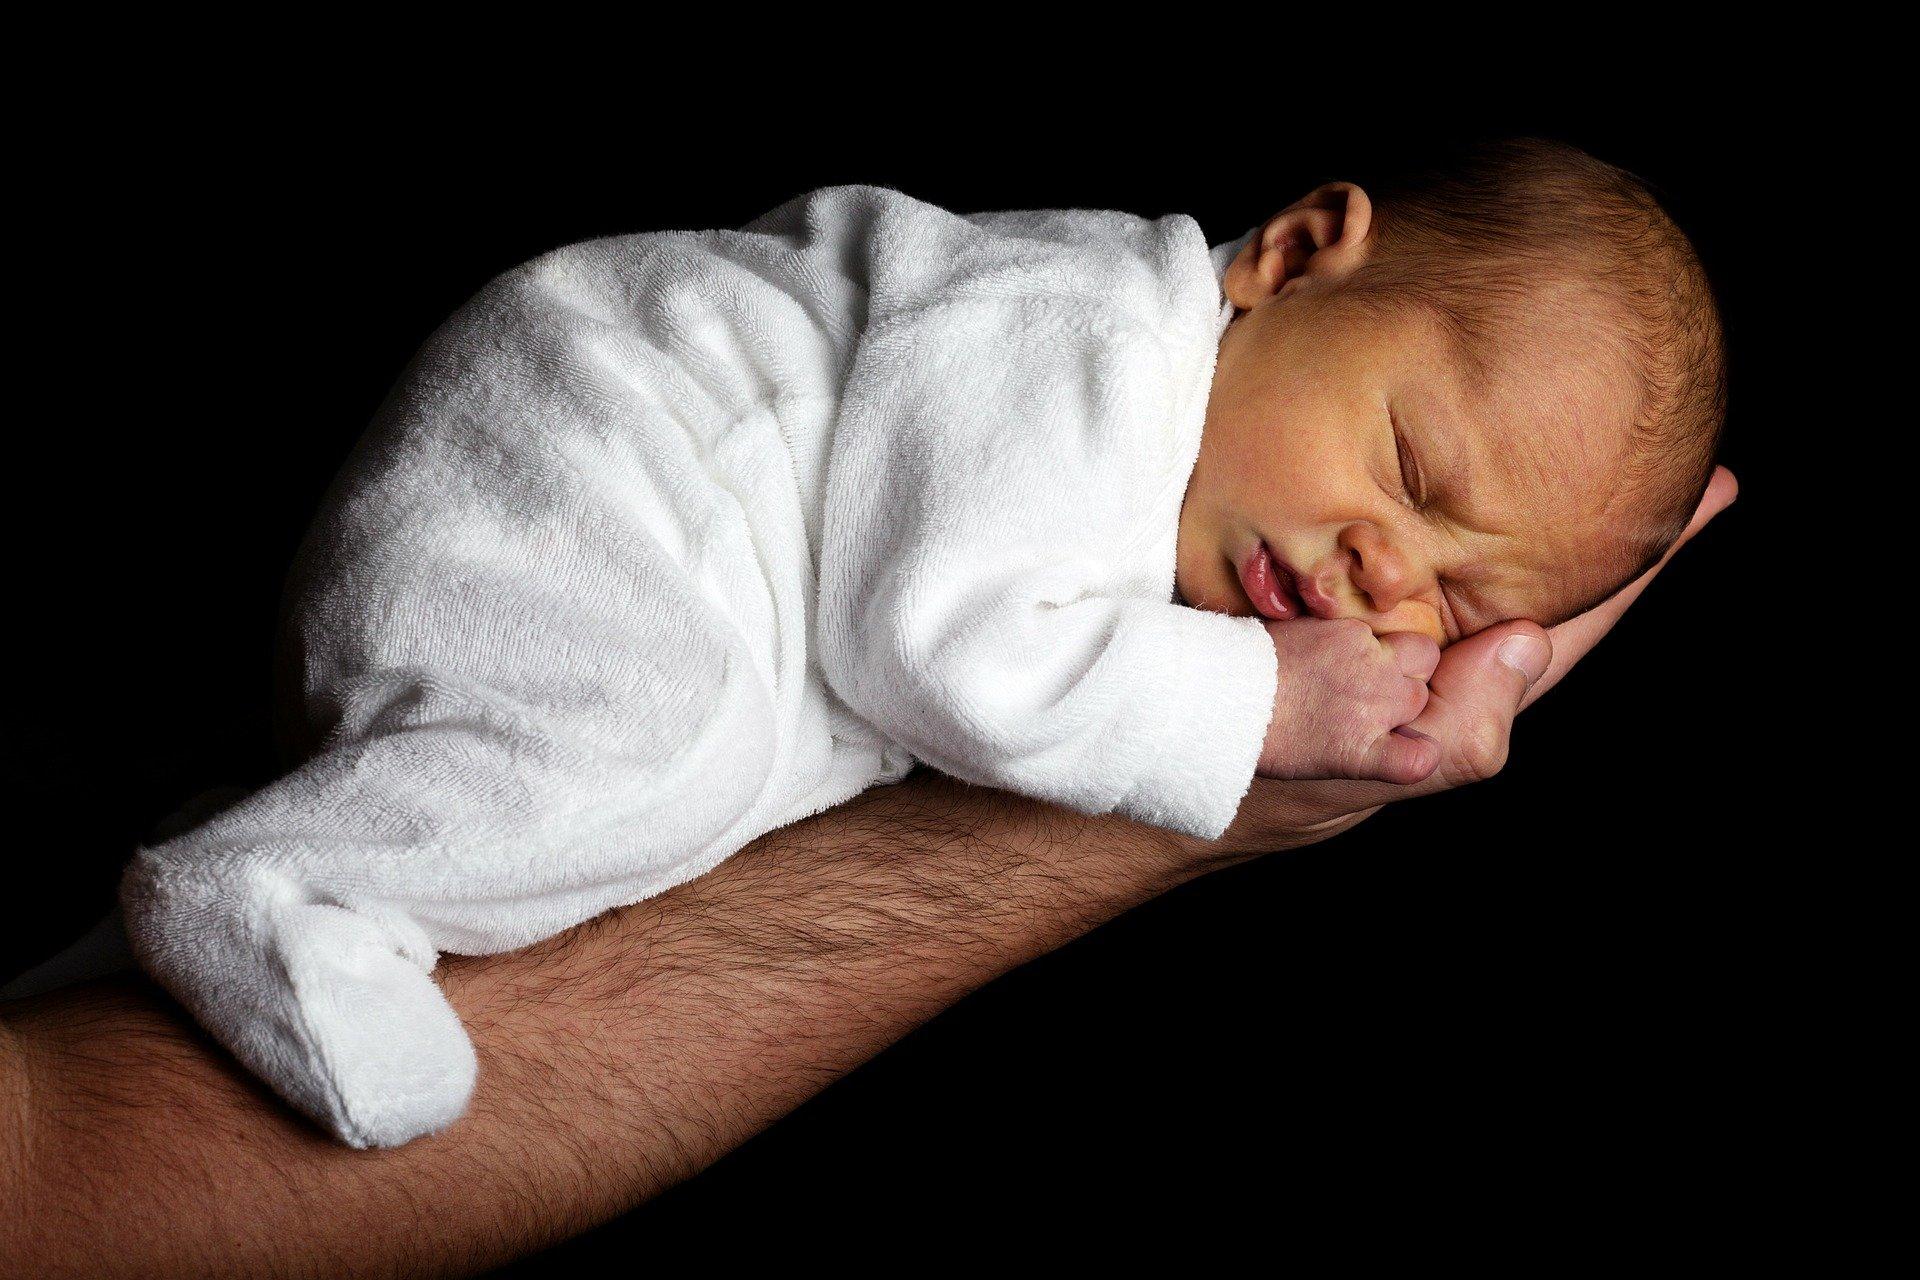 Zatwardzenie u niemowlaka